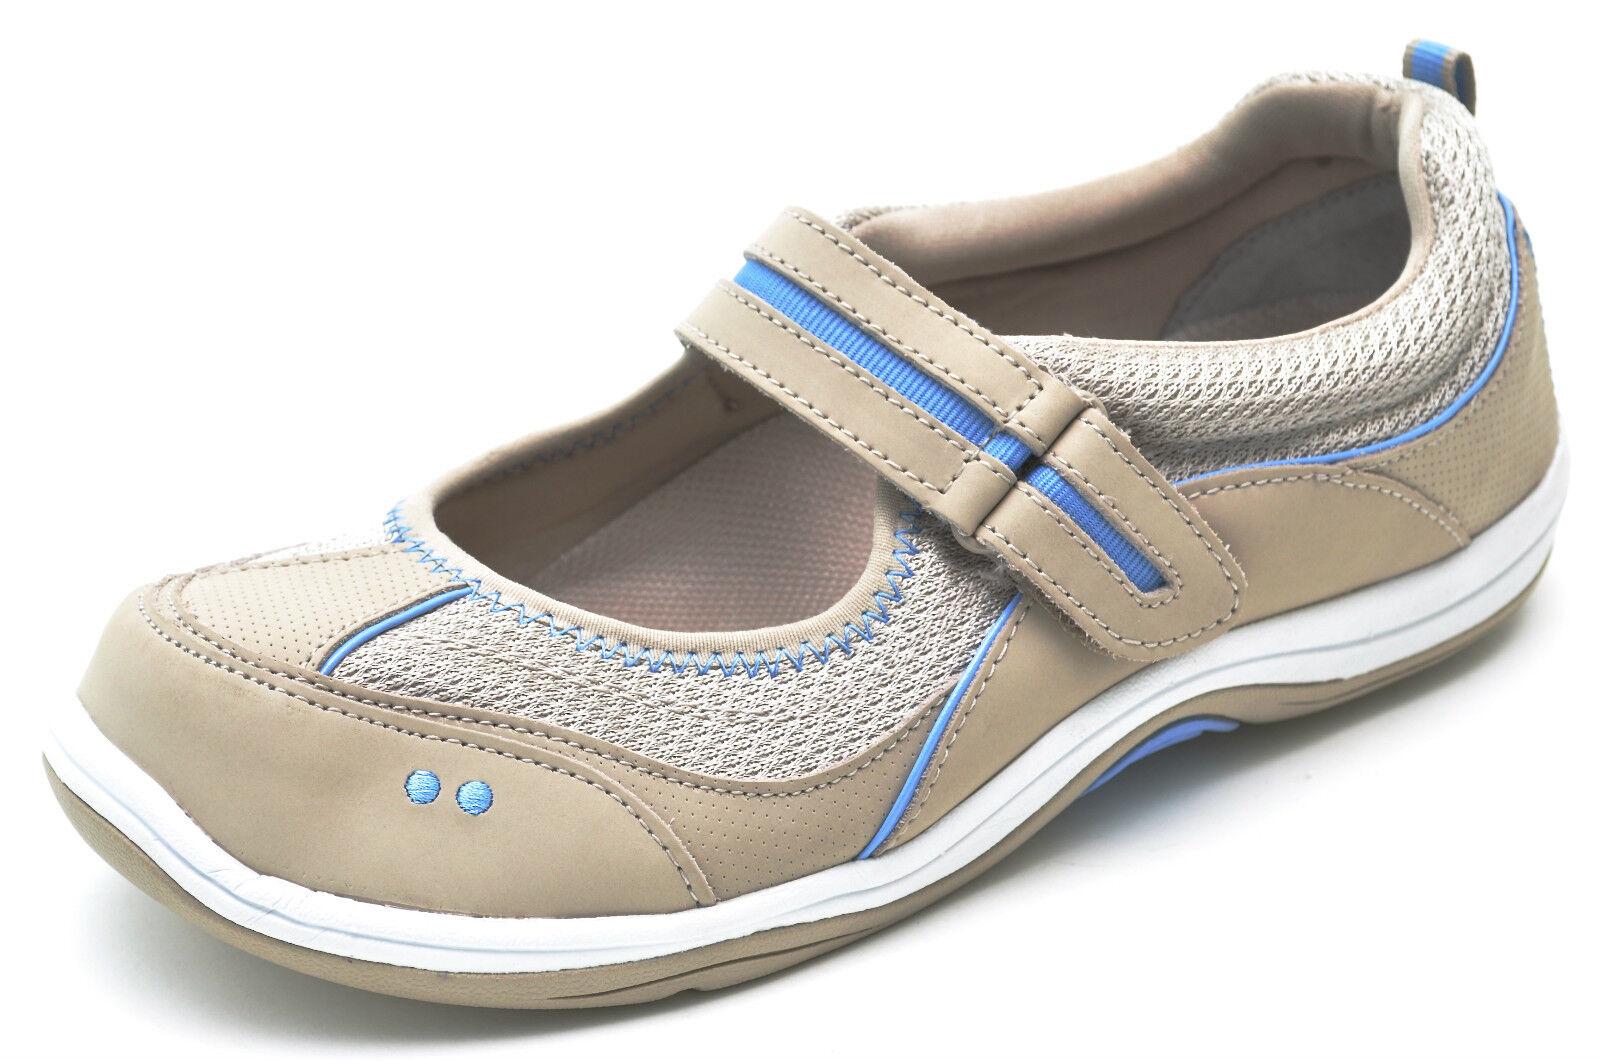 Ryka Gray JAZZE Grey Gray Ryka Mary Janes Sneakers Walking Shoes Women's 6 - NEW fe7e2e